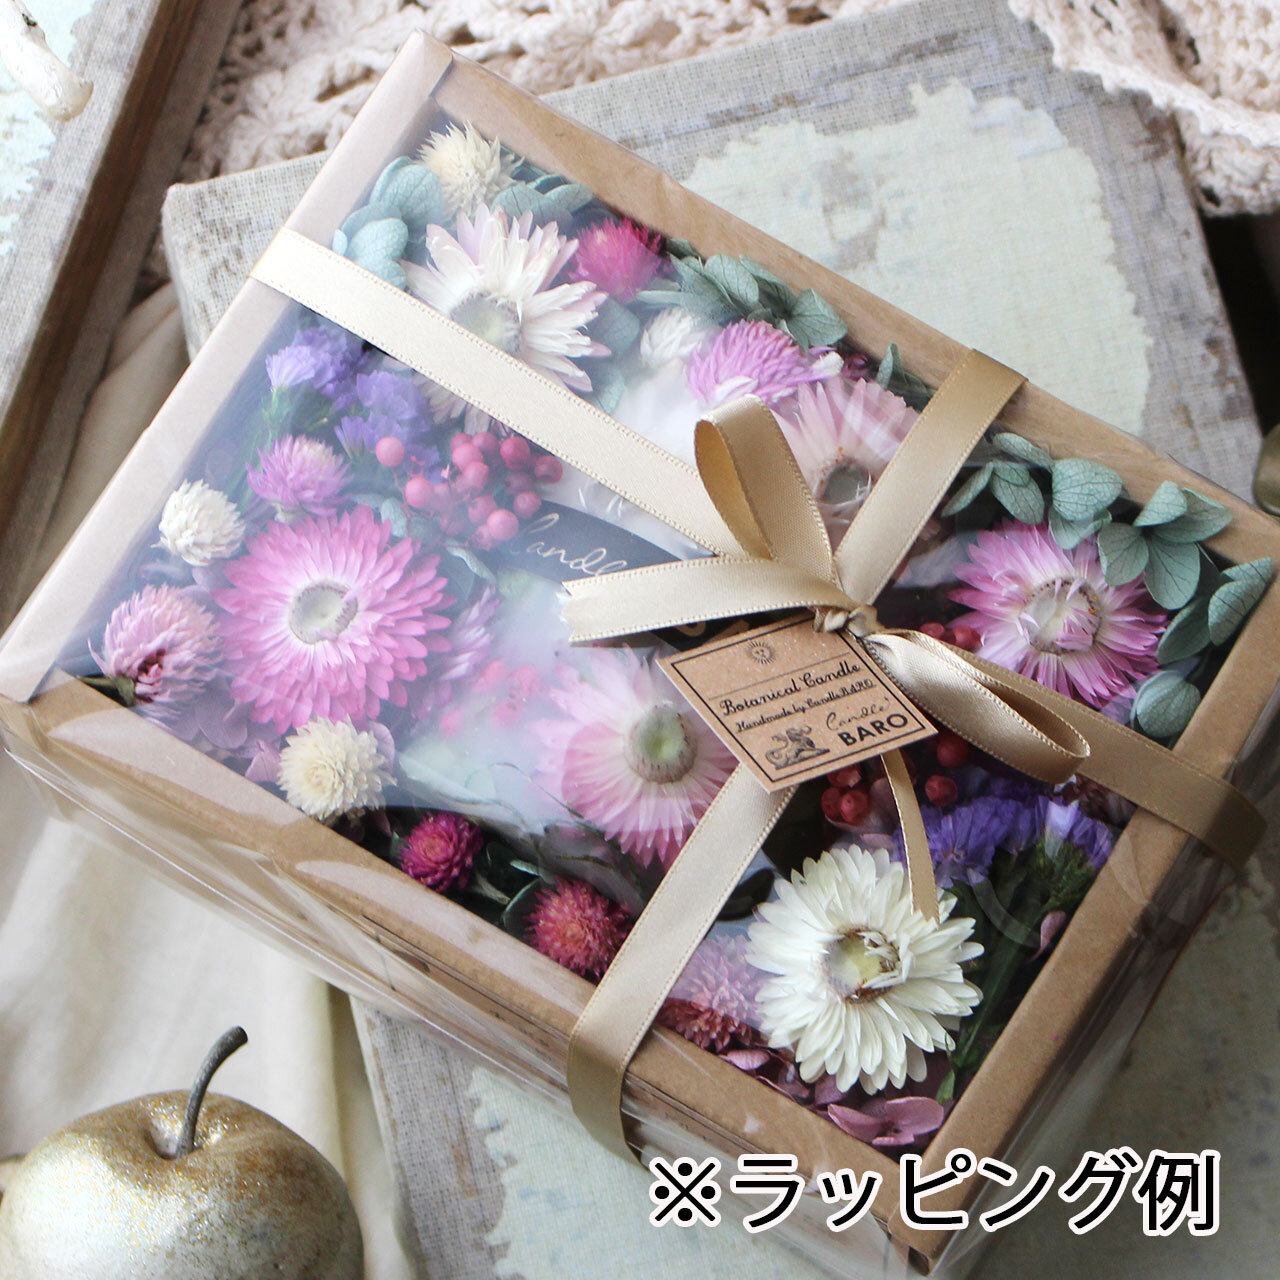 H453 透明ラッピング&紙袋付き☆ボタニカルキャンドルギフト プリザーブドローズ